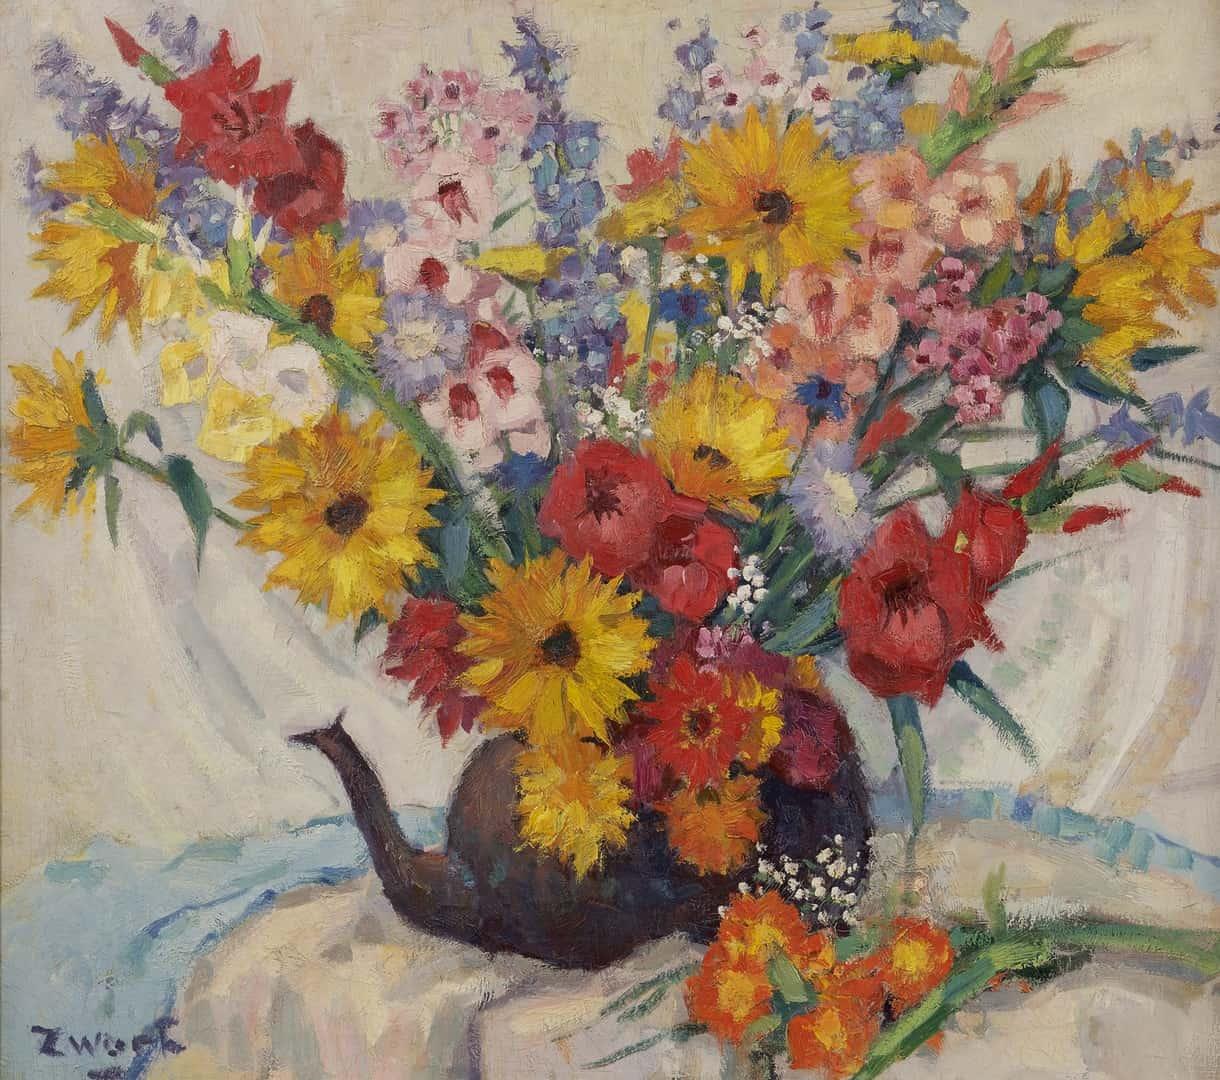 Arie Zwart - Kleurrijk bloemstilleven